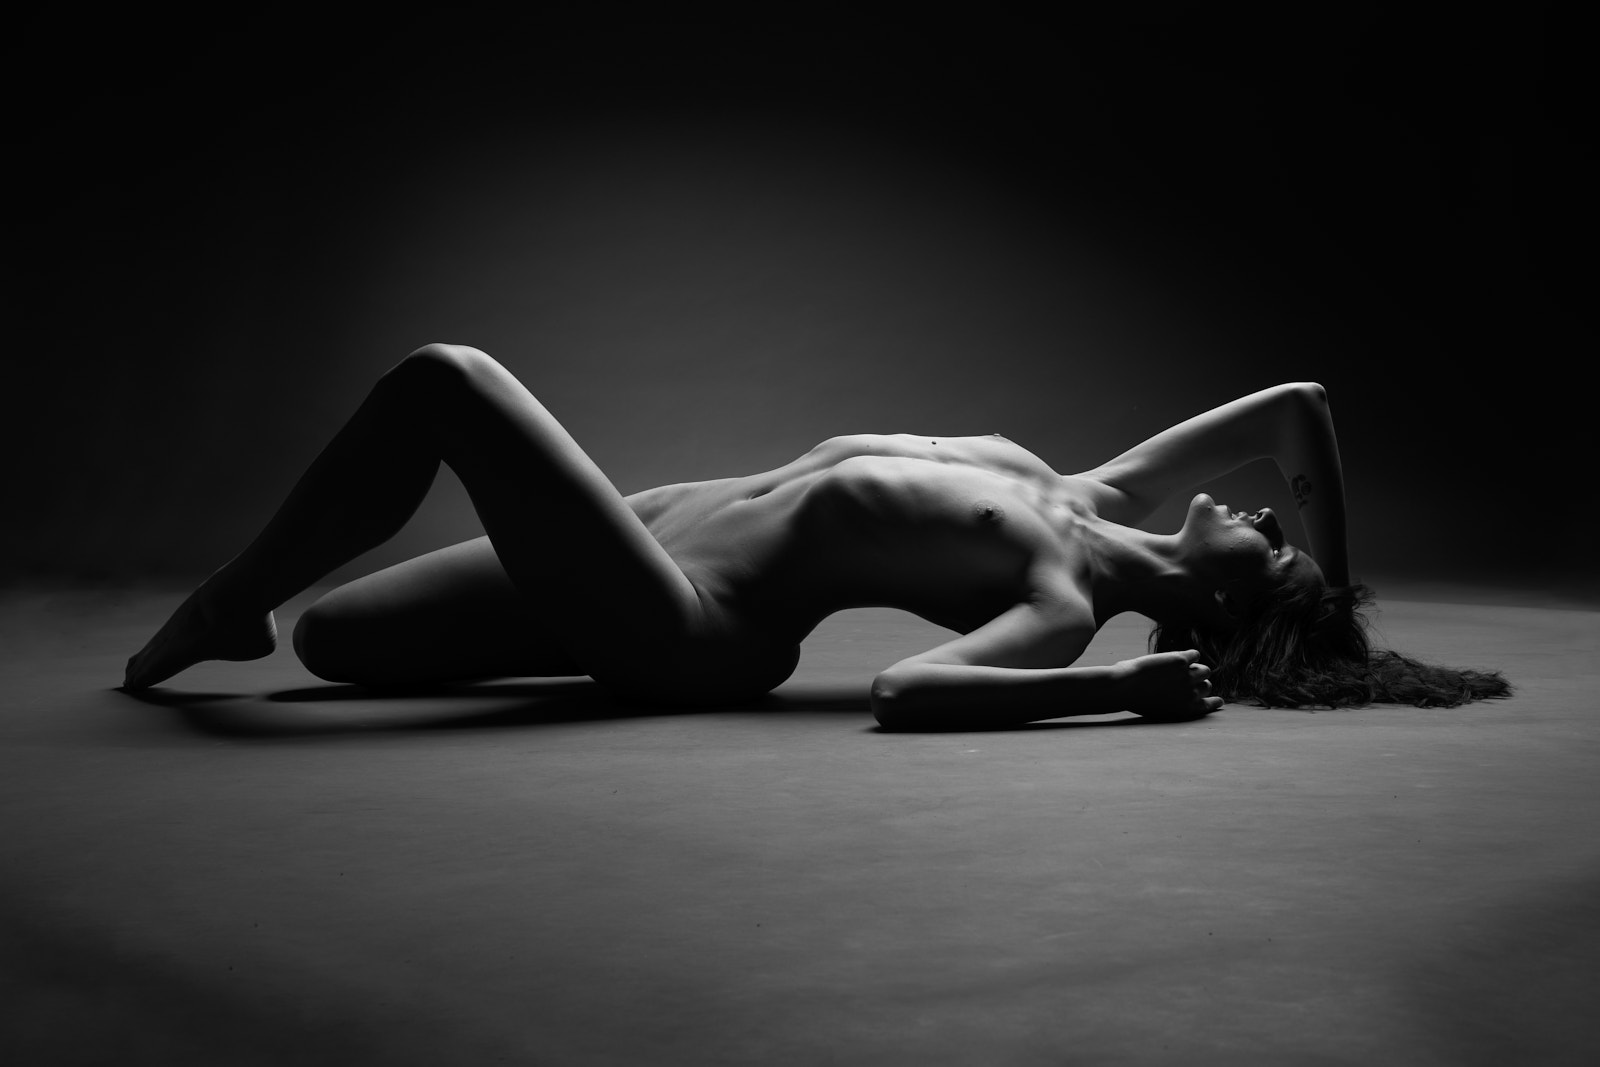 Une femme nue allongée, nu académique, artistique